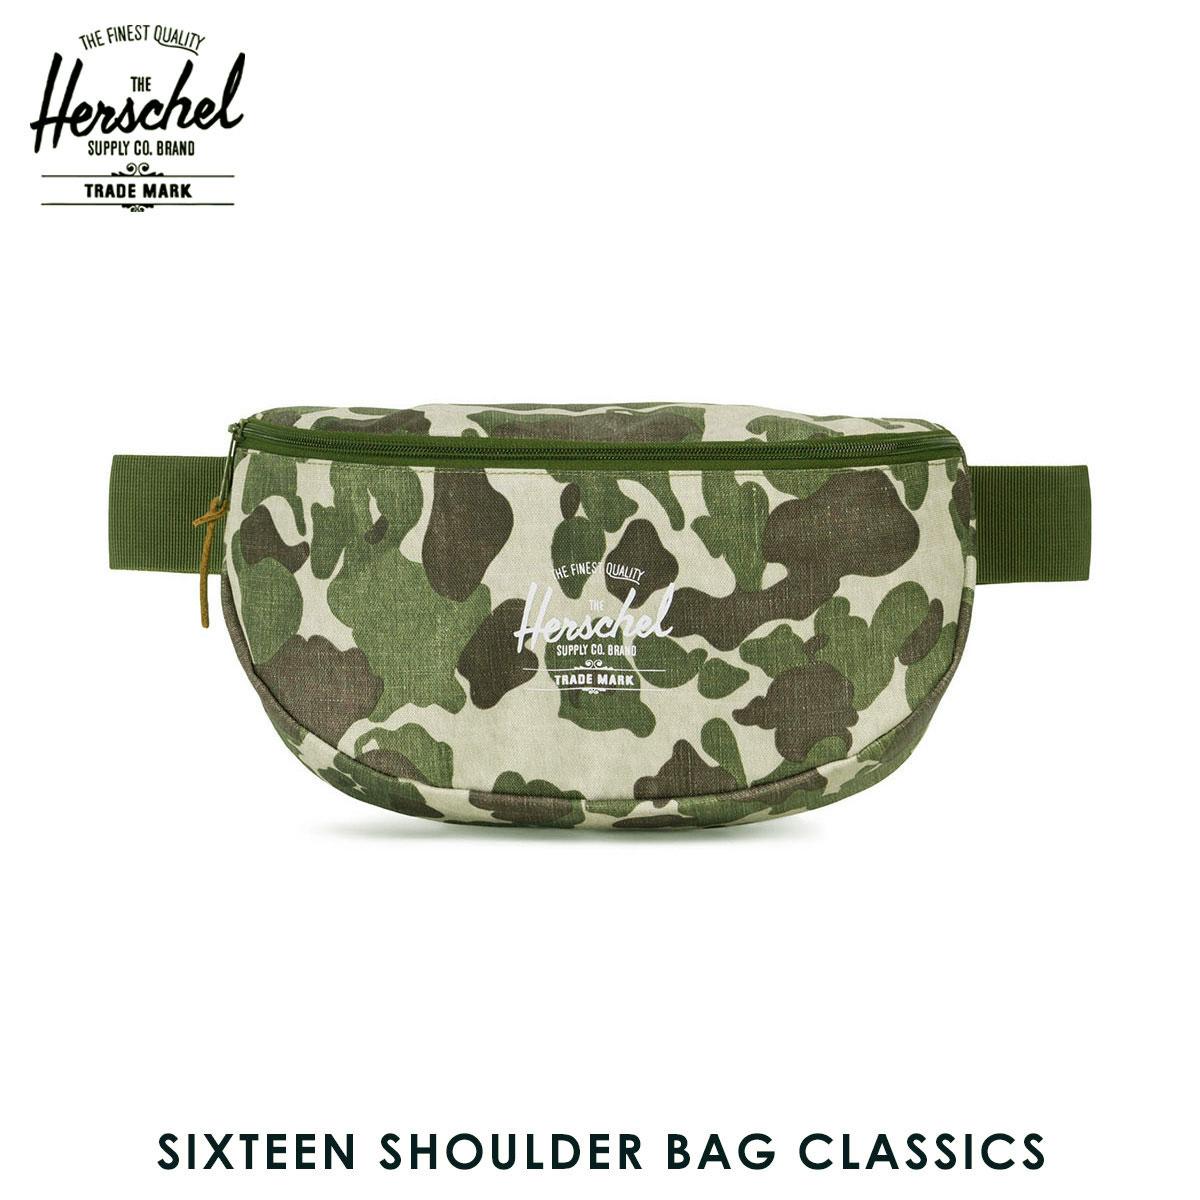 ハーシェル サプライ Herschel Supply 正規販売店 鞄 ショルダーバッグ SIXTEEN SHOULDER BAG CLASSICS | HIP SACKS 10016-01858-OS FROG CAMO